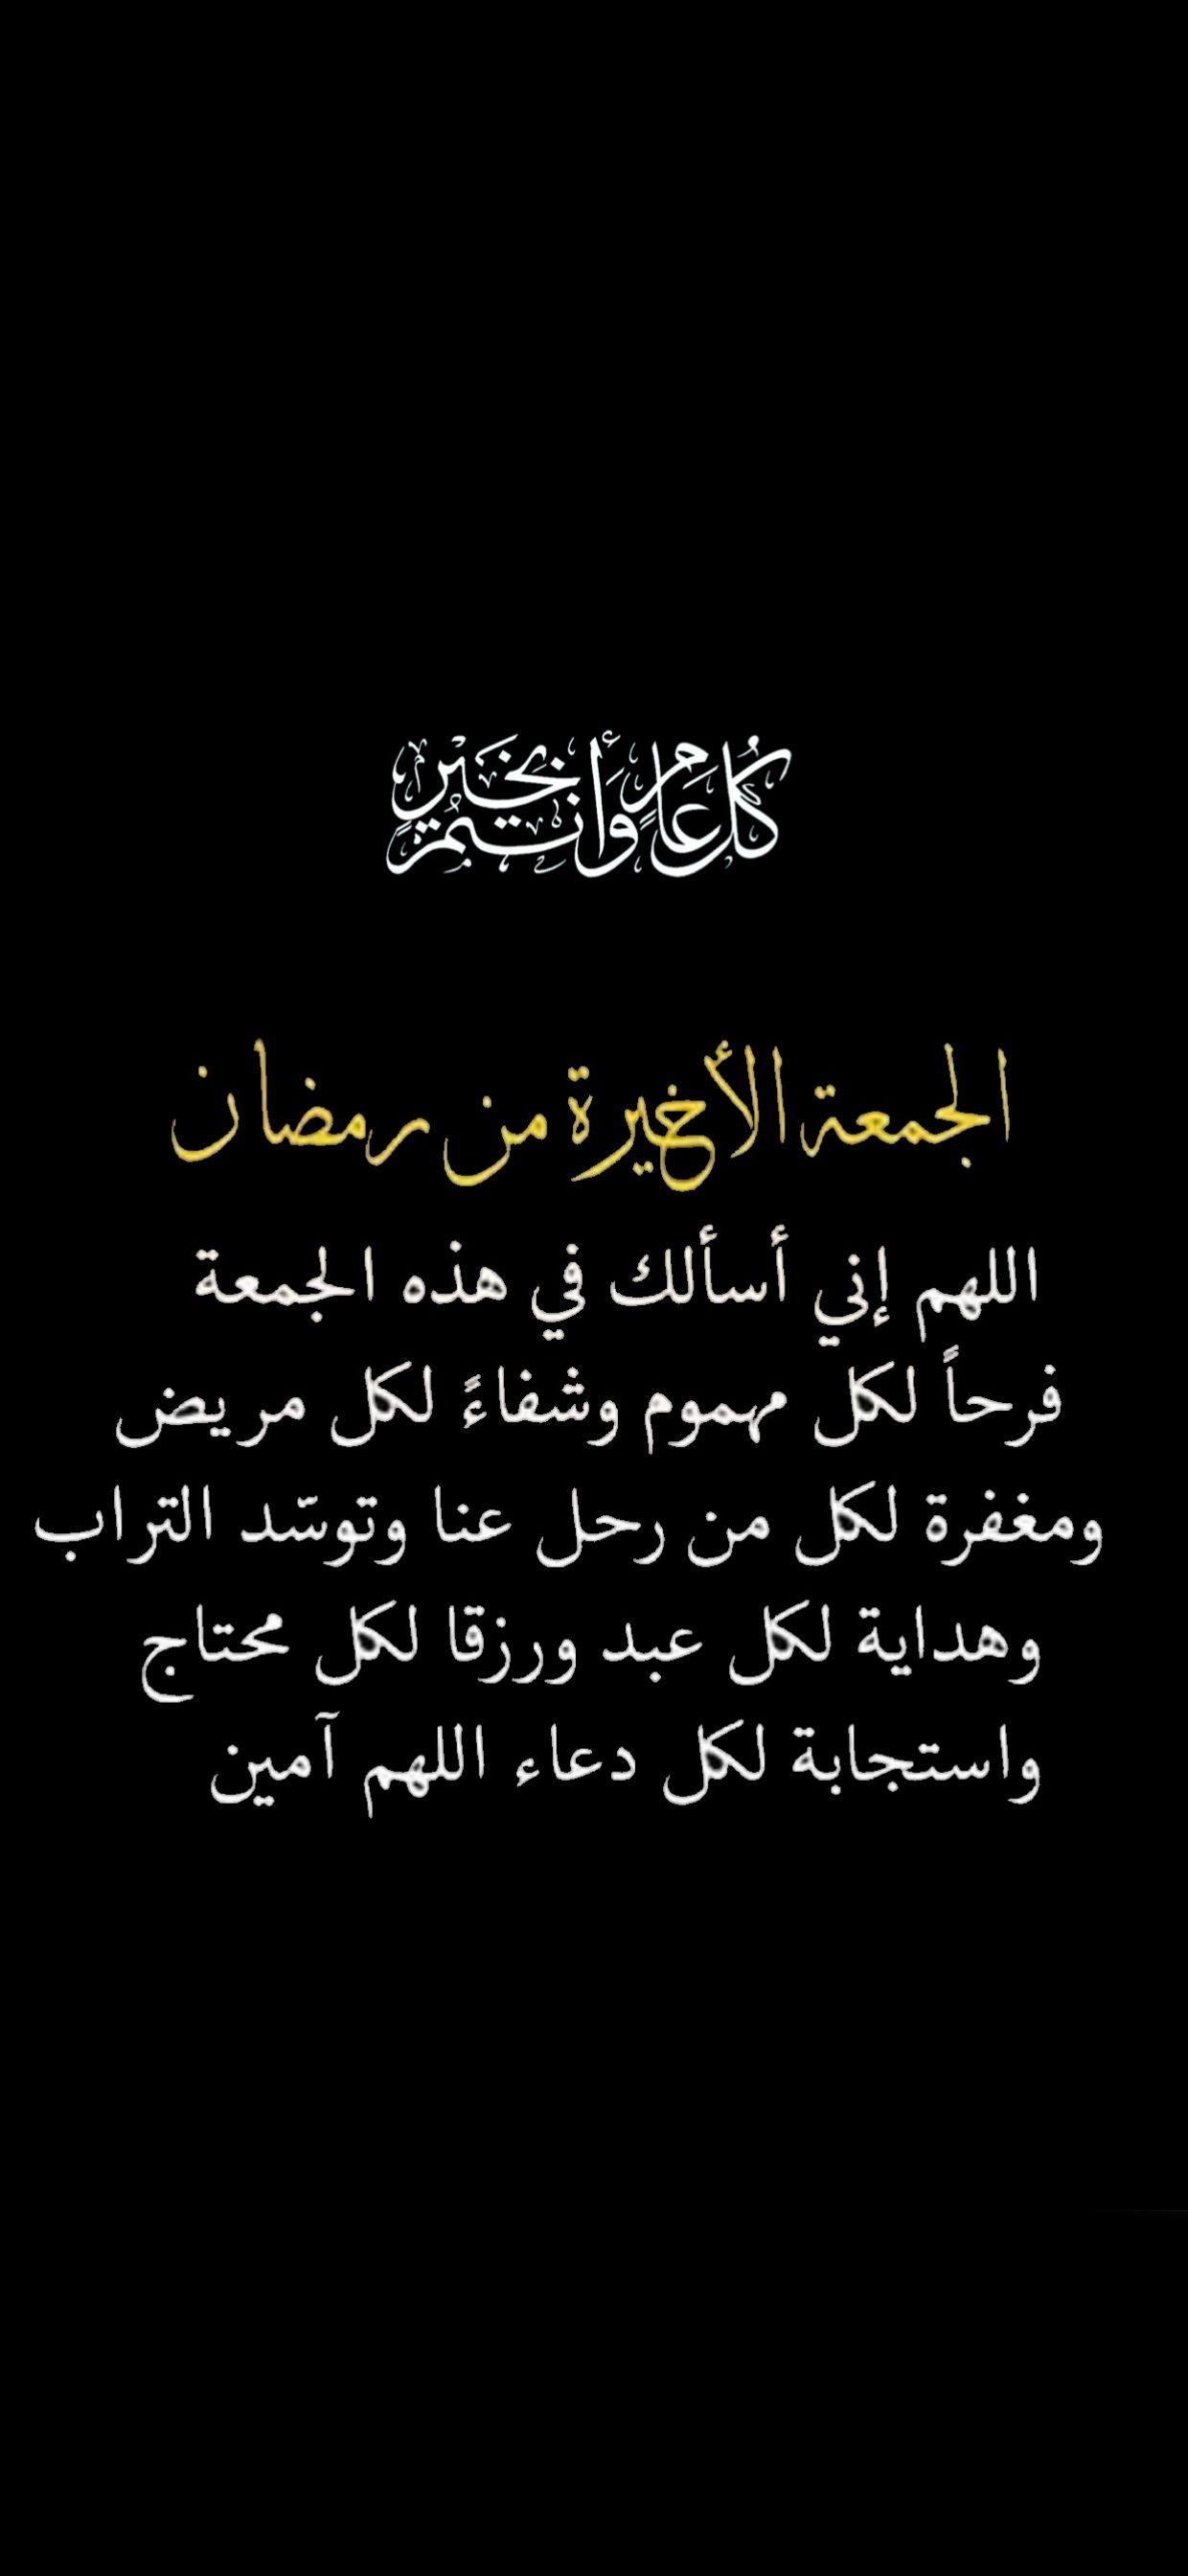 السعوديه الخليج رمضان الشرق الأوسط سناب كويت فايروس كورونا تصميم شعار لوقو دعاء Arabic Calligraphy Calligraphy Movie Posters